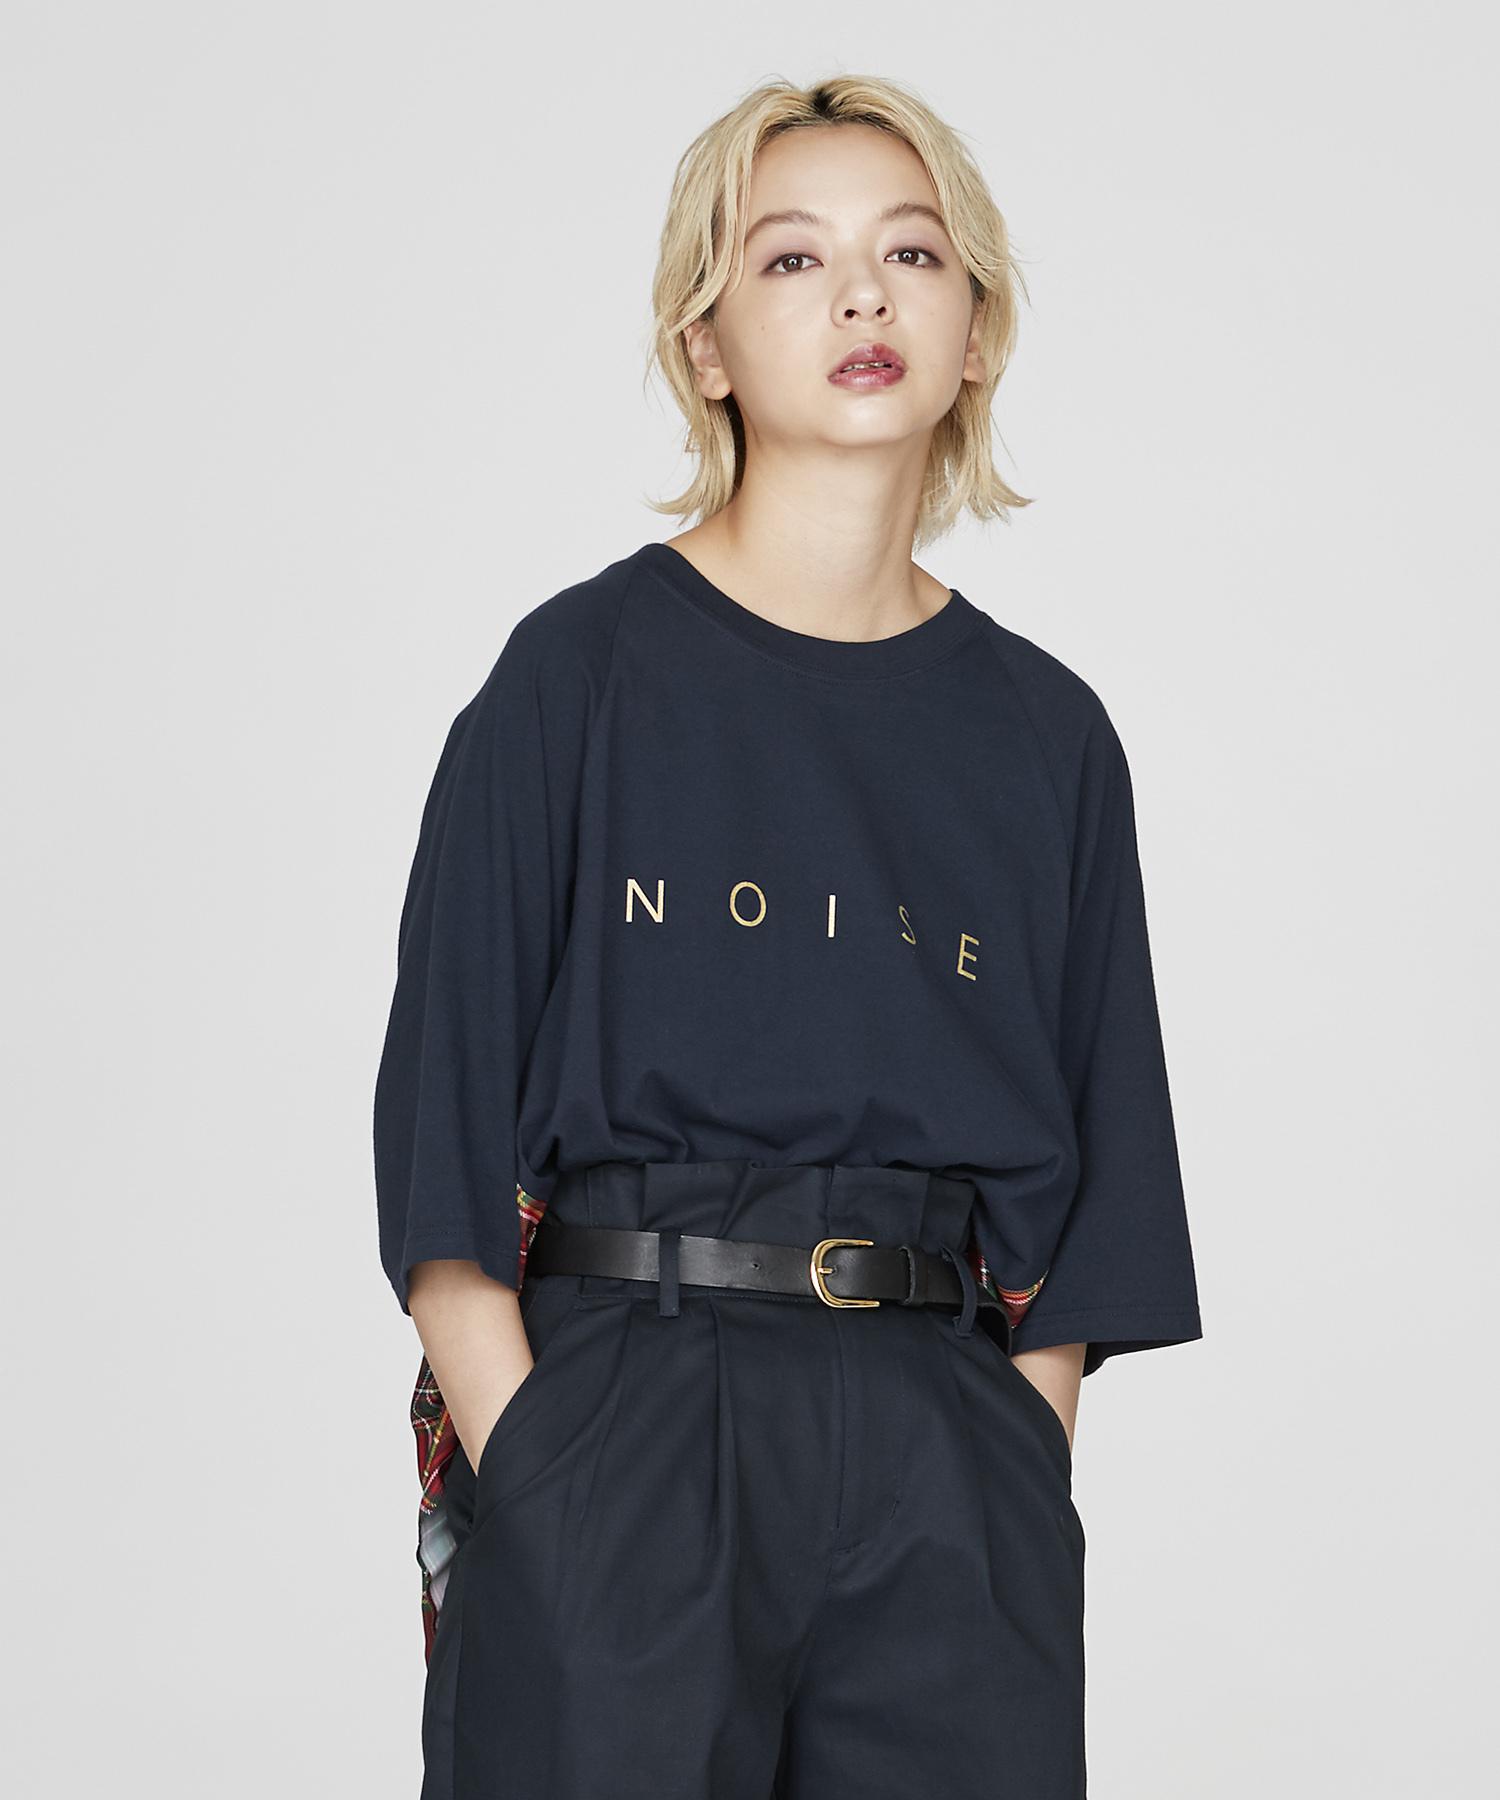 バックプリーツロゴTシャツ(ネイビー)